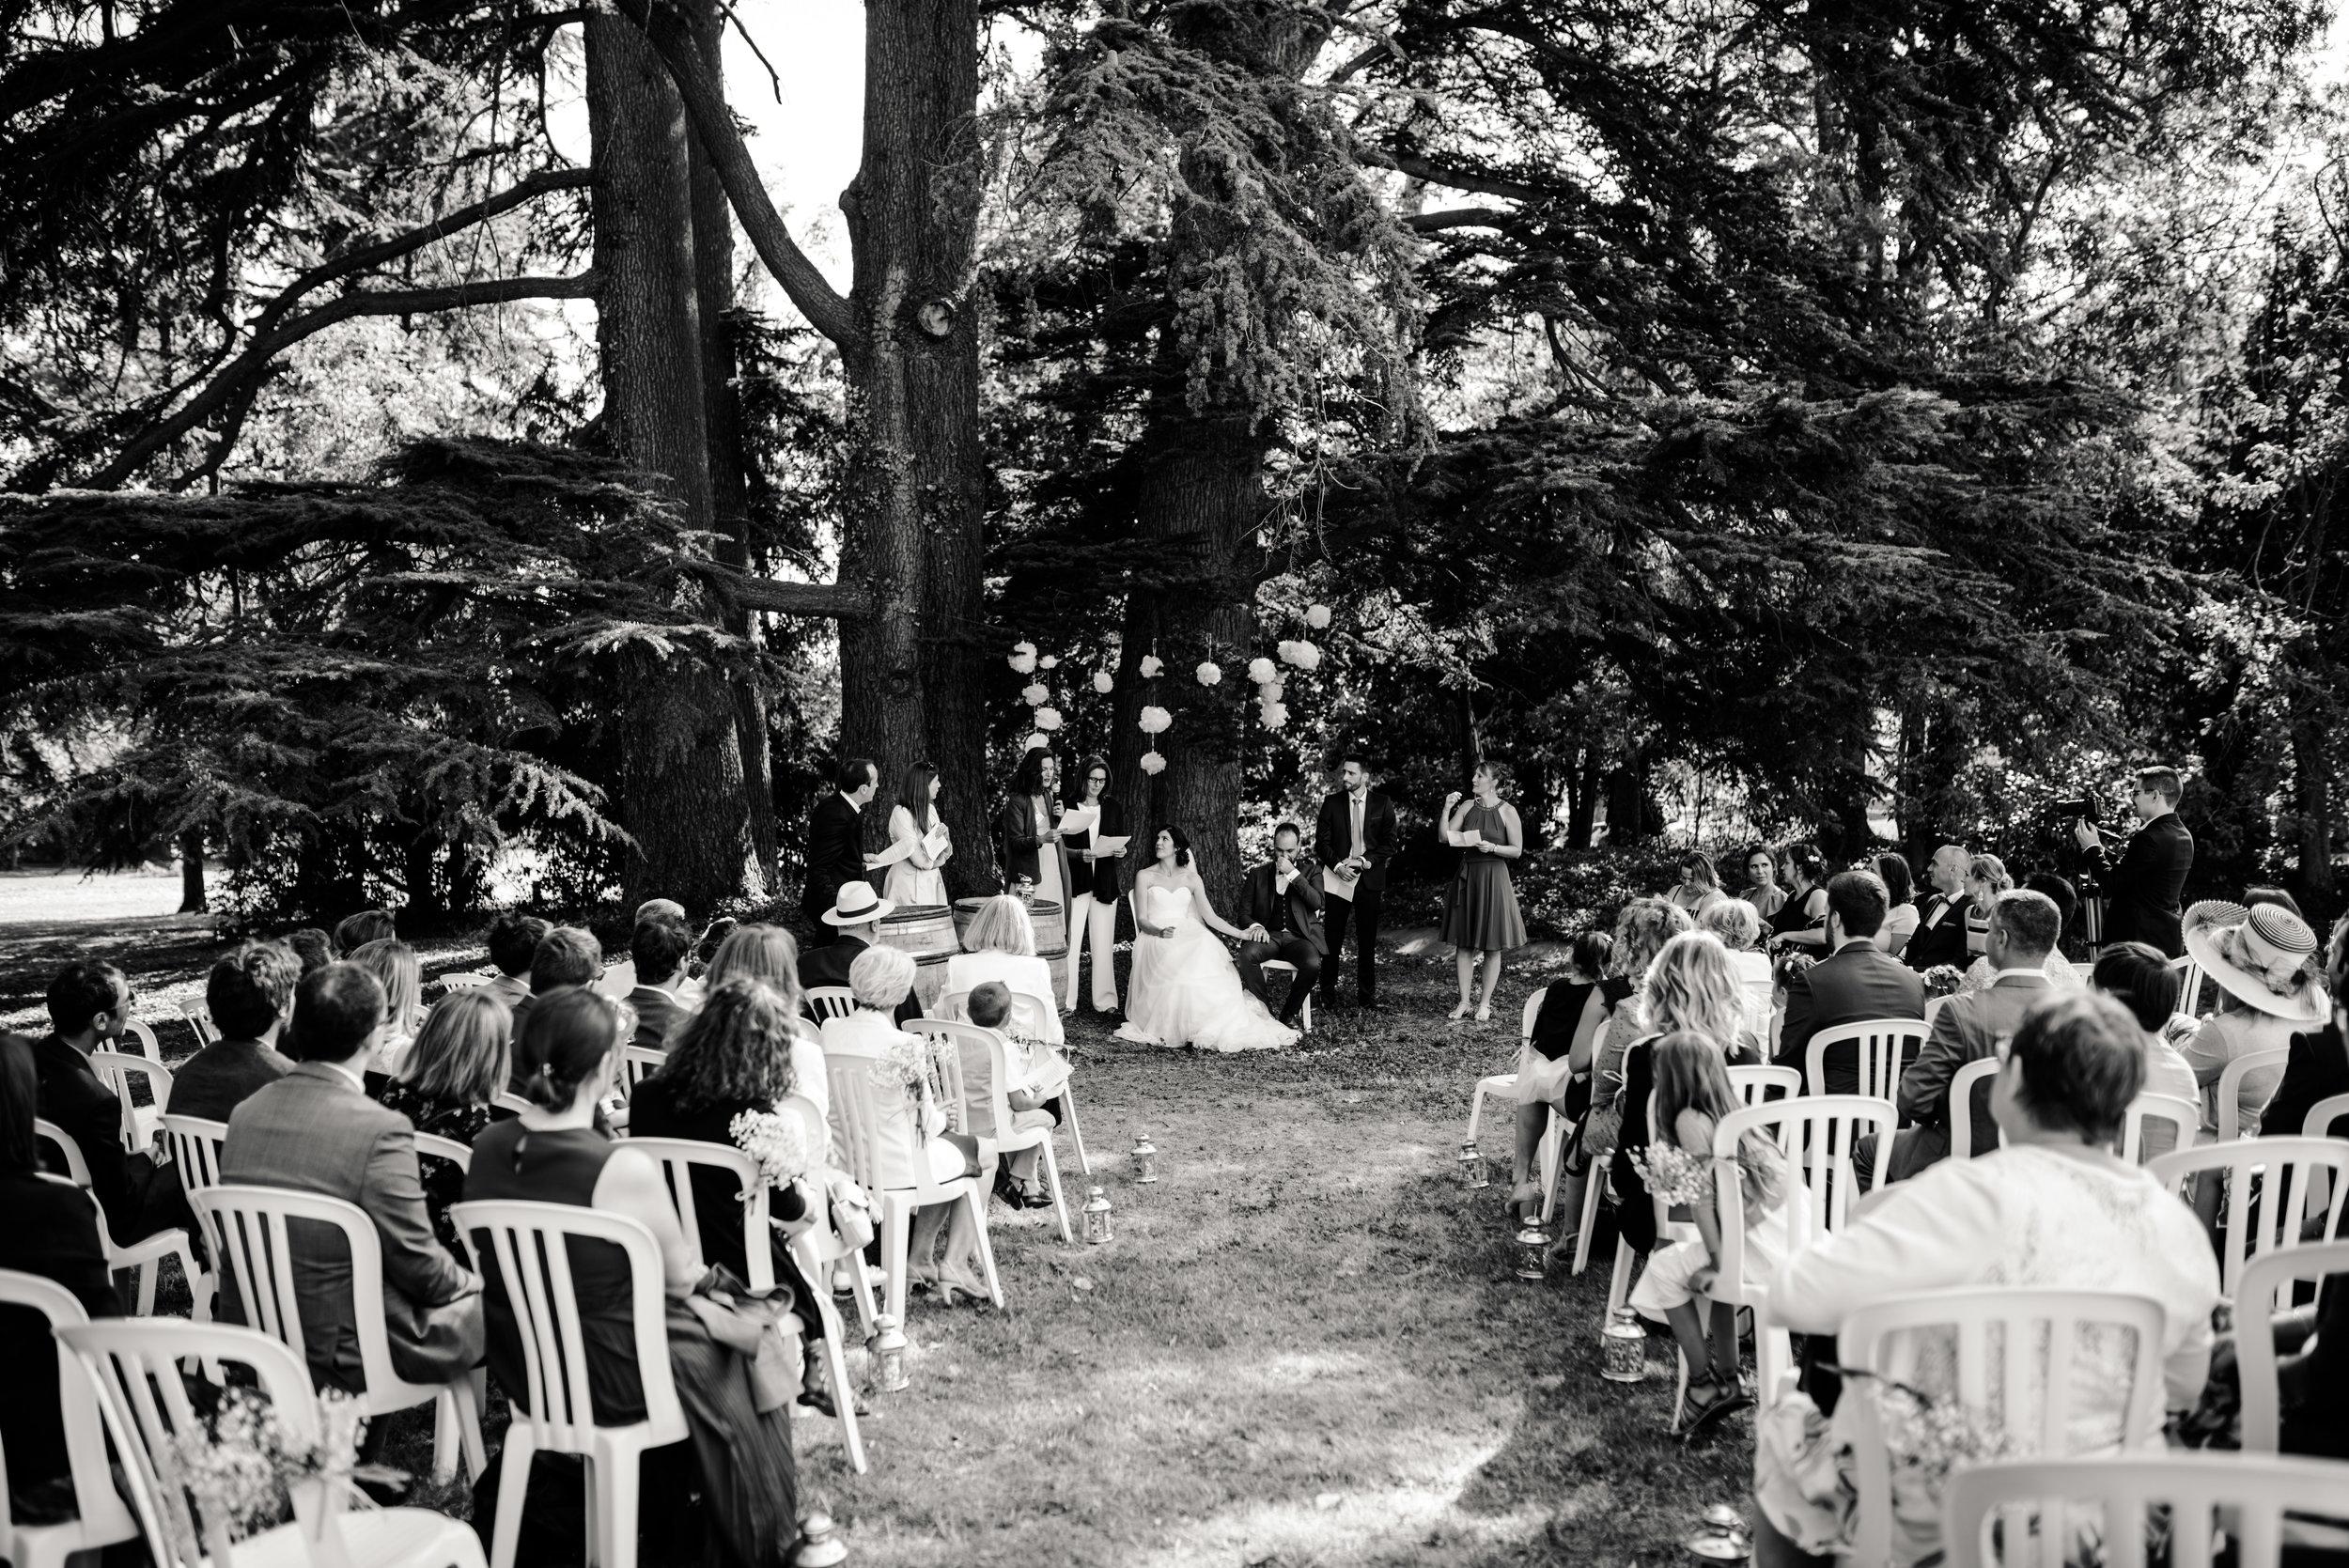 Léa-Fery-photographe-professionnel-lyon-rhone-alpes-portrait-creation-mariage-evenement-evenementiel-famille--13.jpg